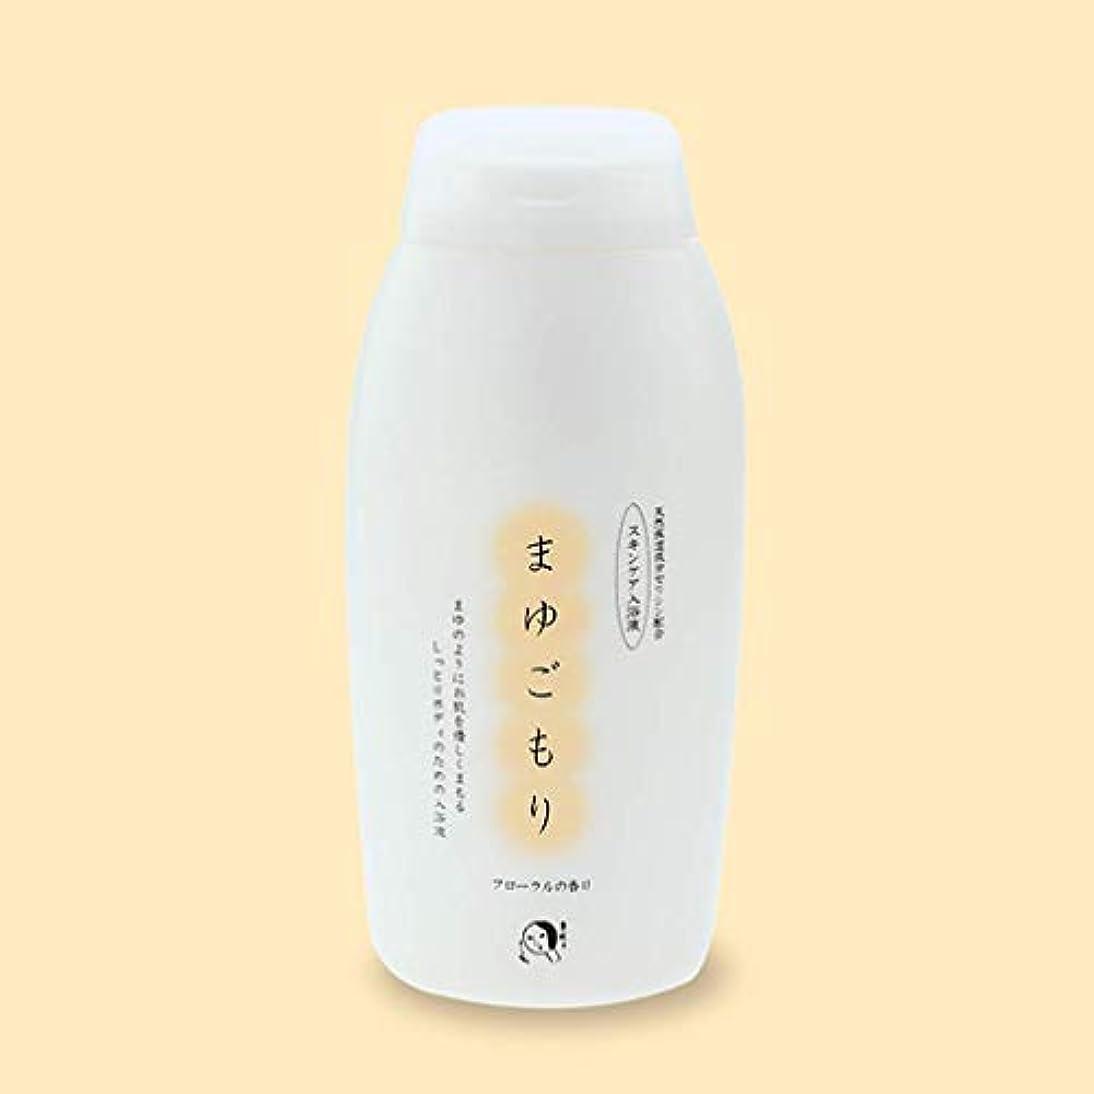 爬虫類ランデブー修正よーじや まゆごもり入浴液(ボトルタイプ) 250ml(11回分)